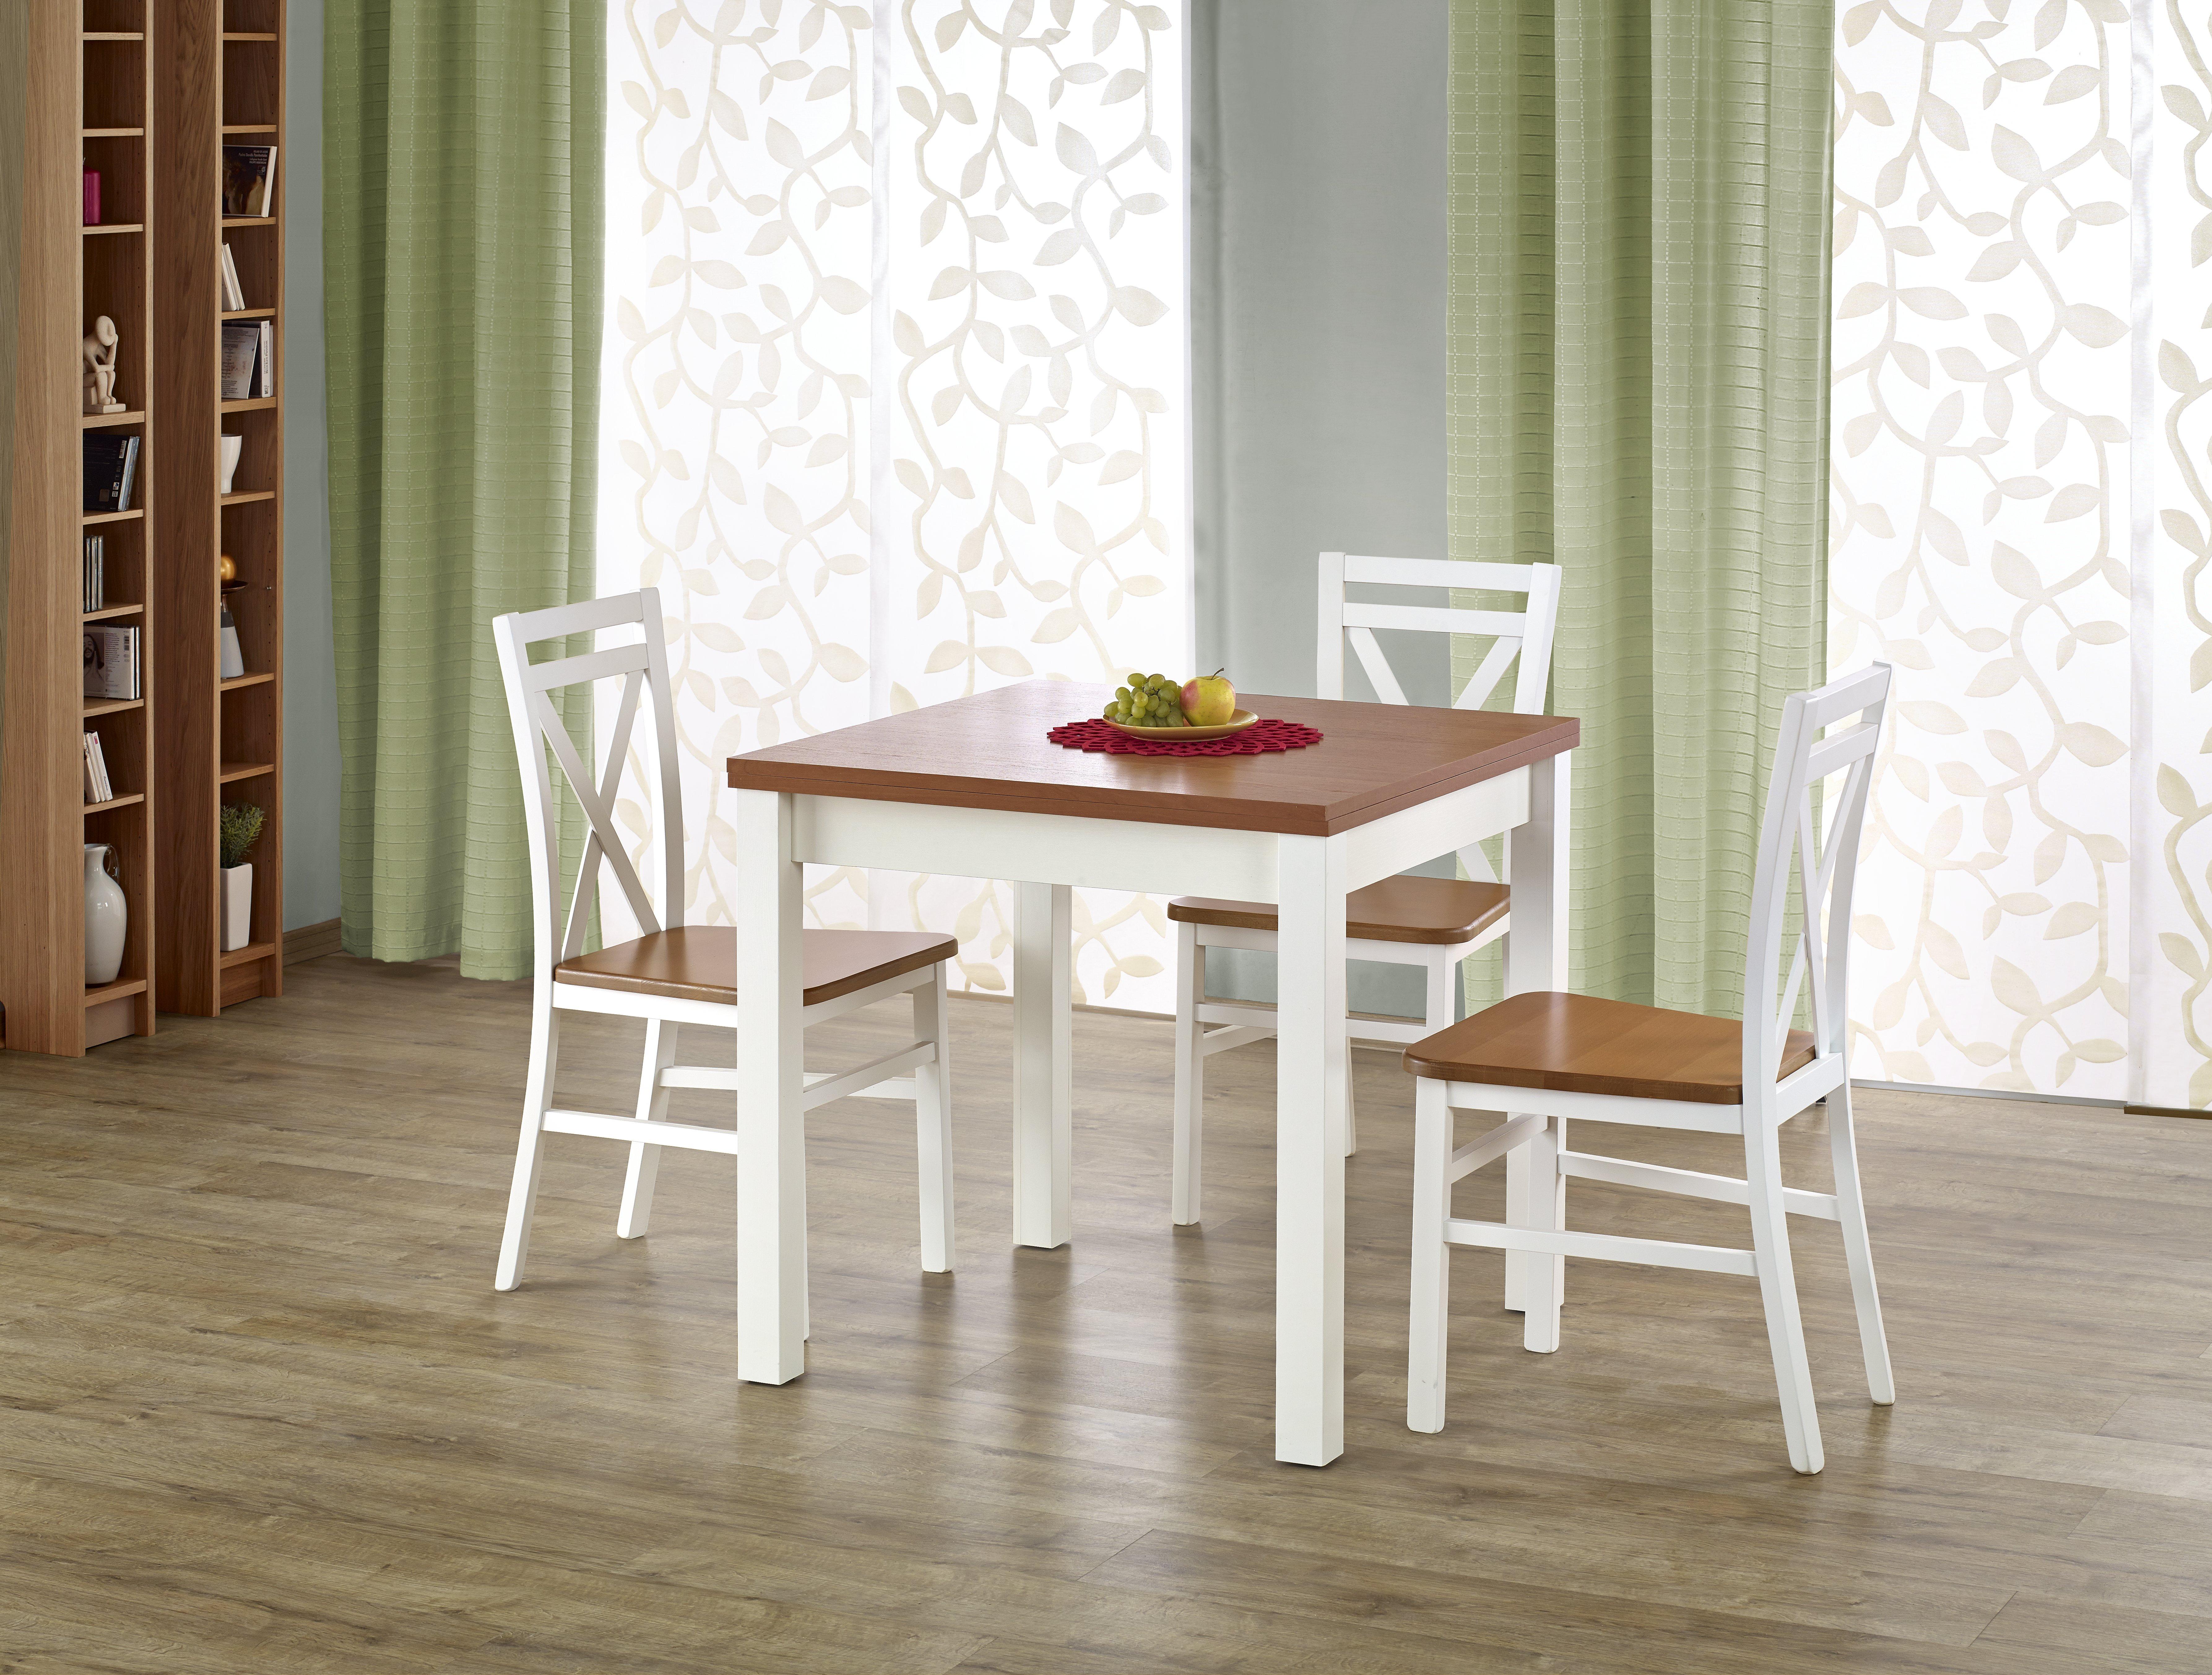 Jedálenský stôl - Halmar - Gracjan (jelša + biela) (pre 4 až 6 osôb). Sme autorizovaný predajca Halmar. Vlastná spoľahlivá doprava až k Vám domov.